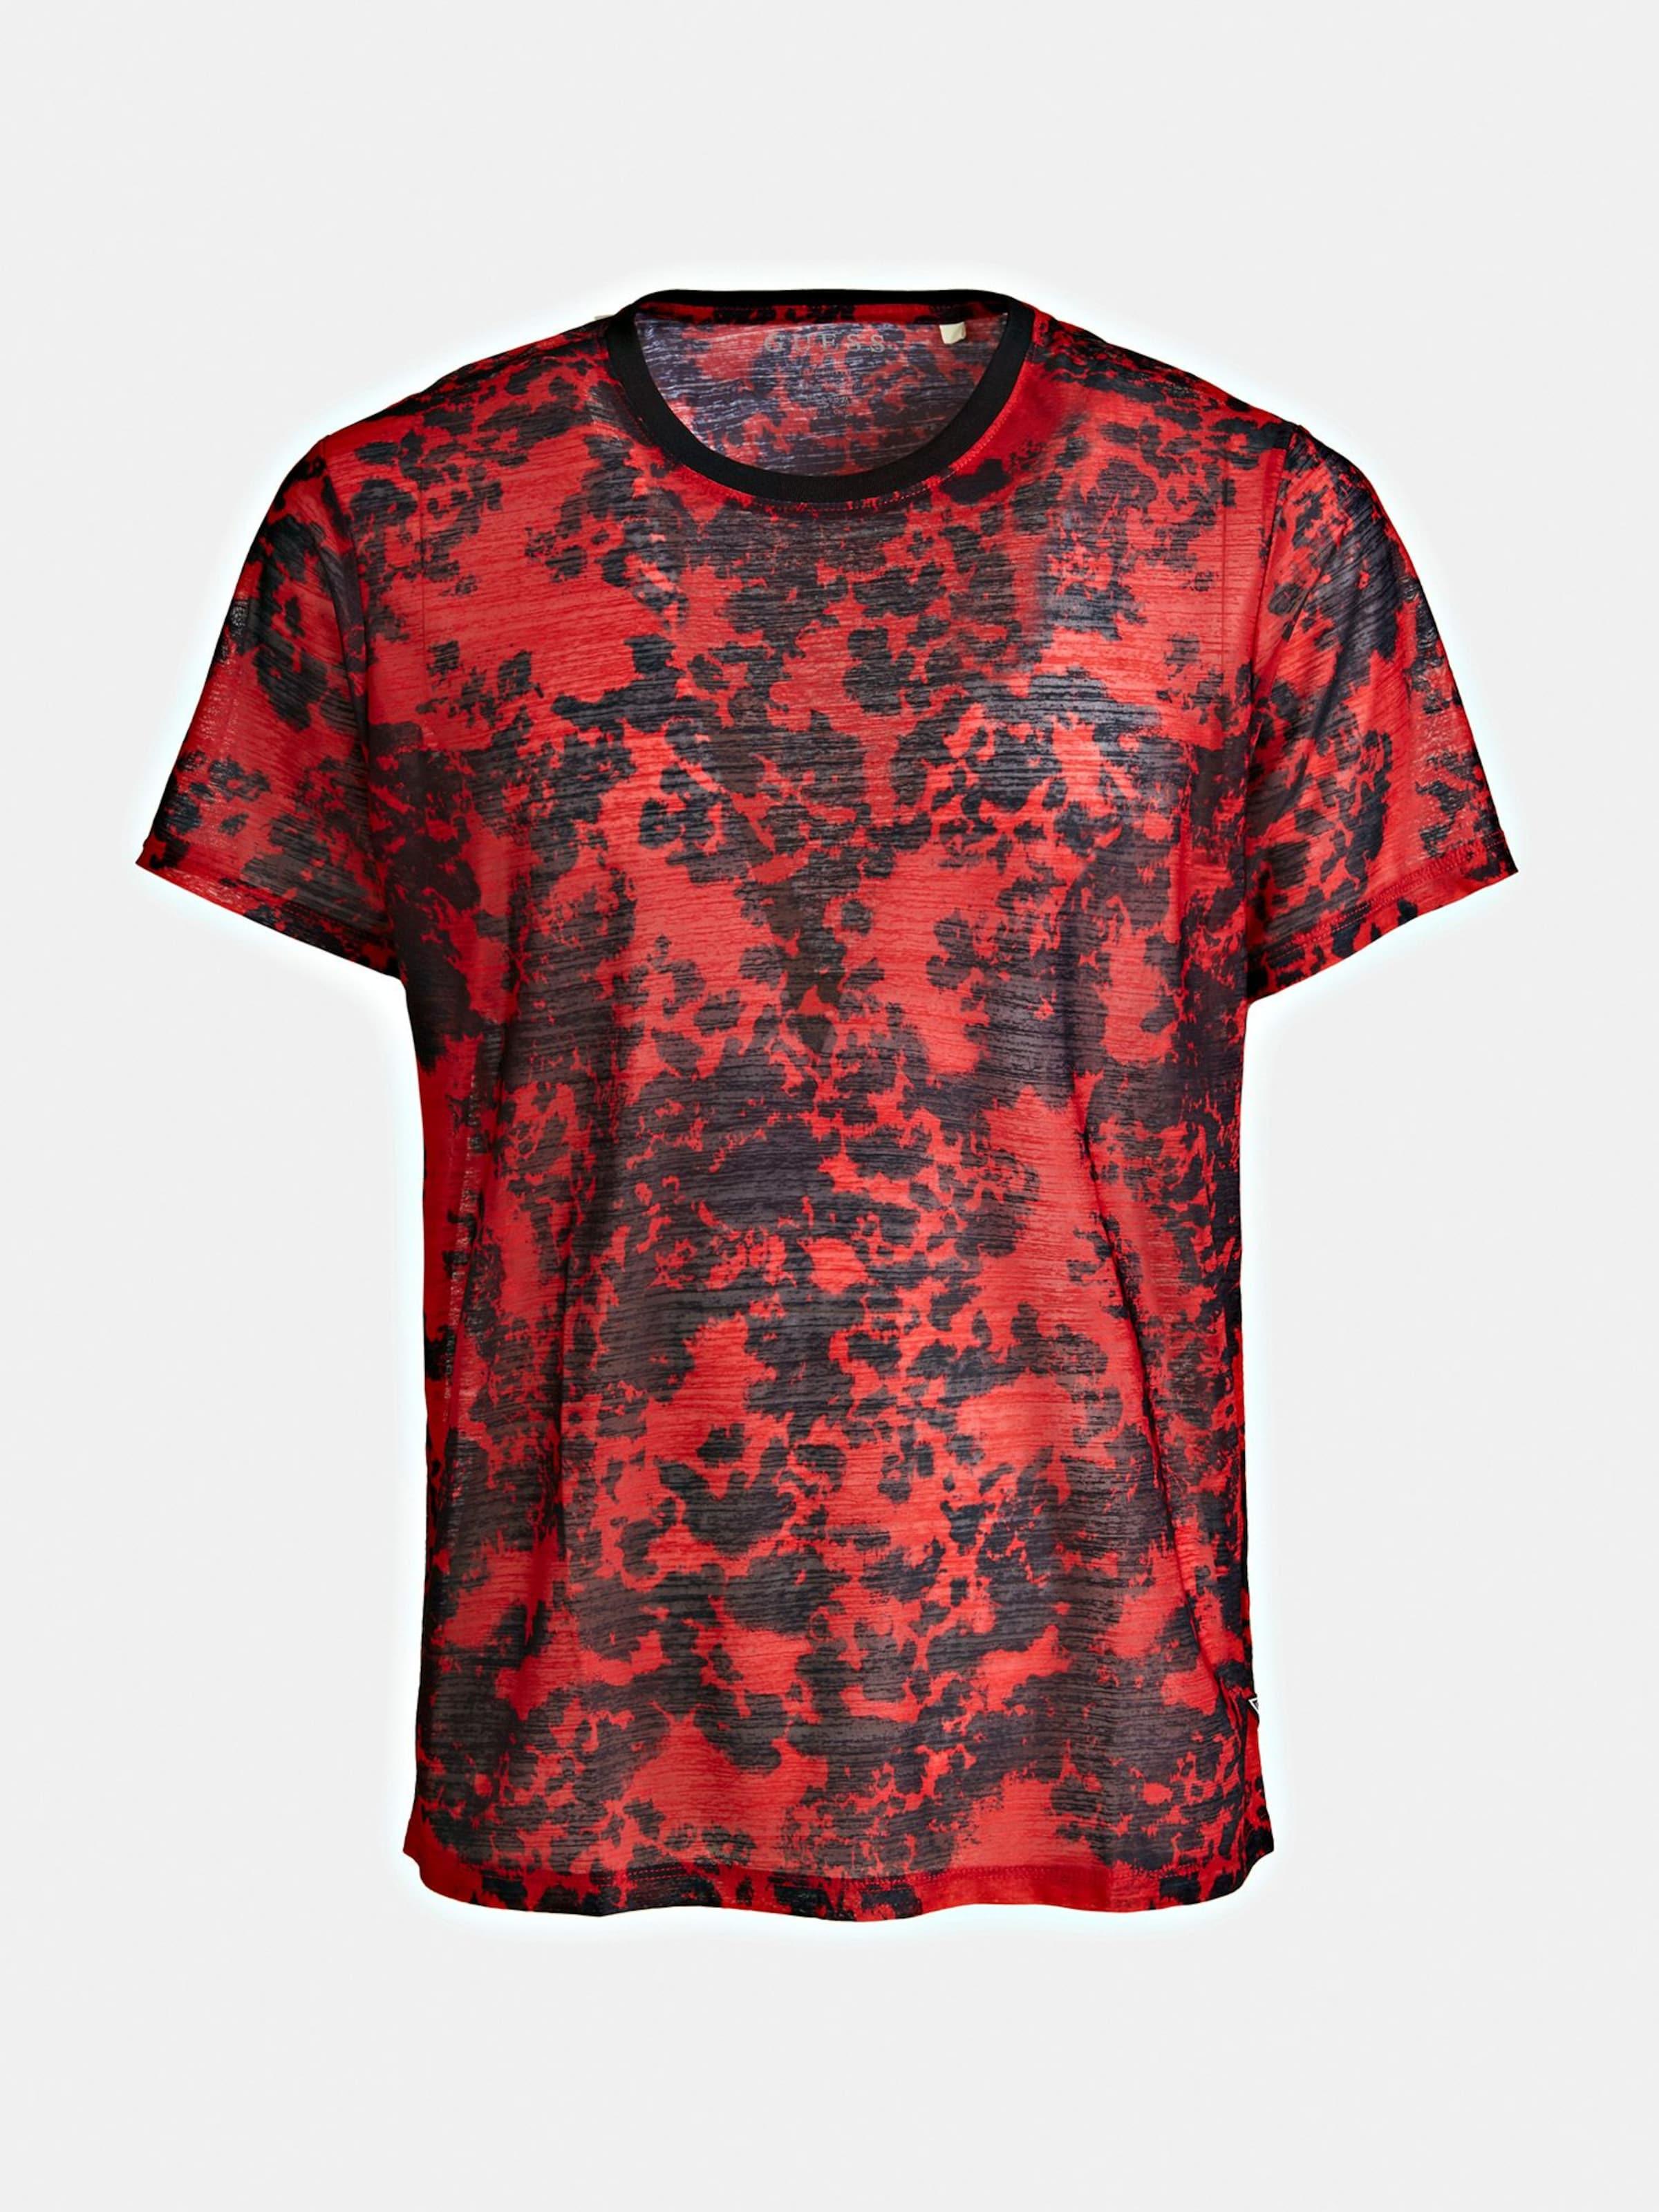 FeuerrotSchwarz shirt In Guess T Guess tdhrsCQ